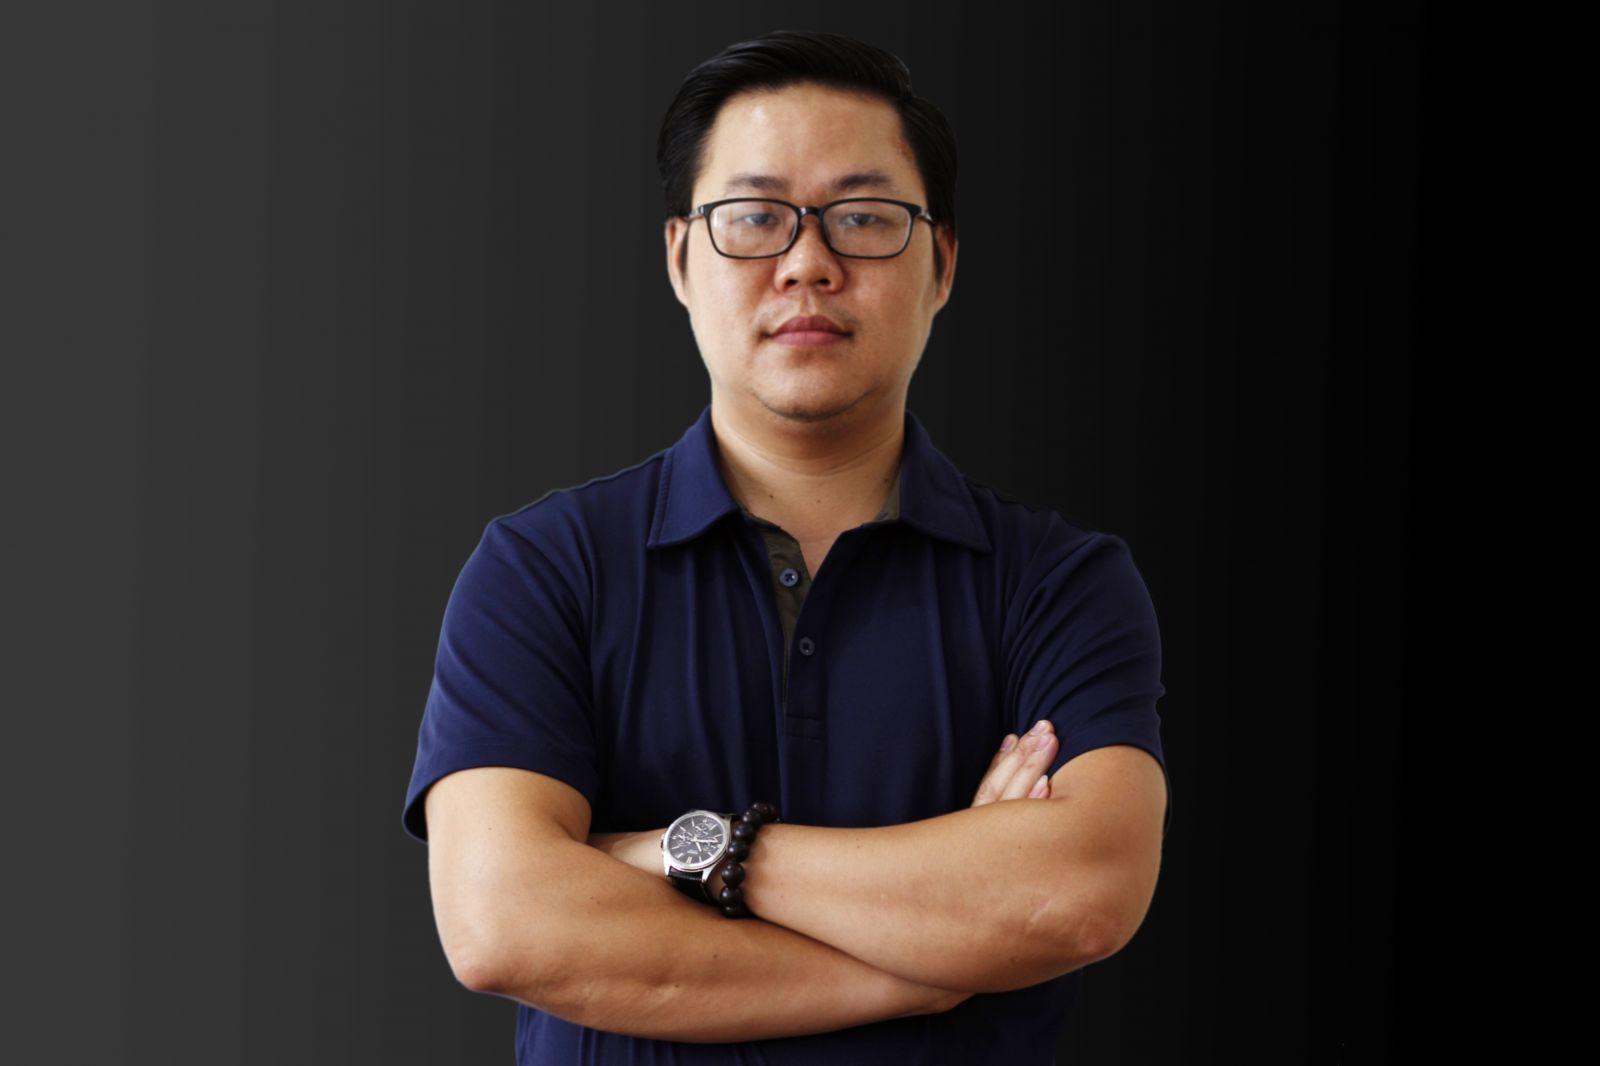 Ông Vũ Hoàng Giang, CEO Công ty TNHH Nội thất Zip